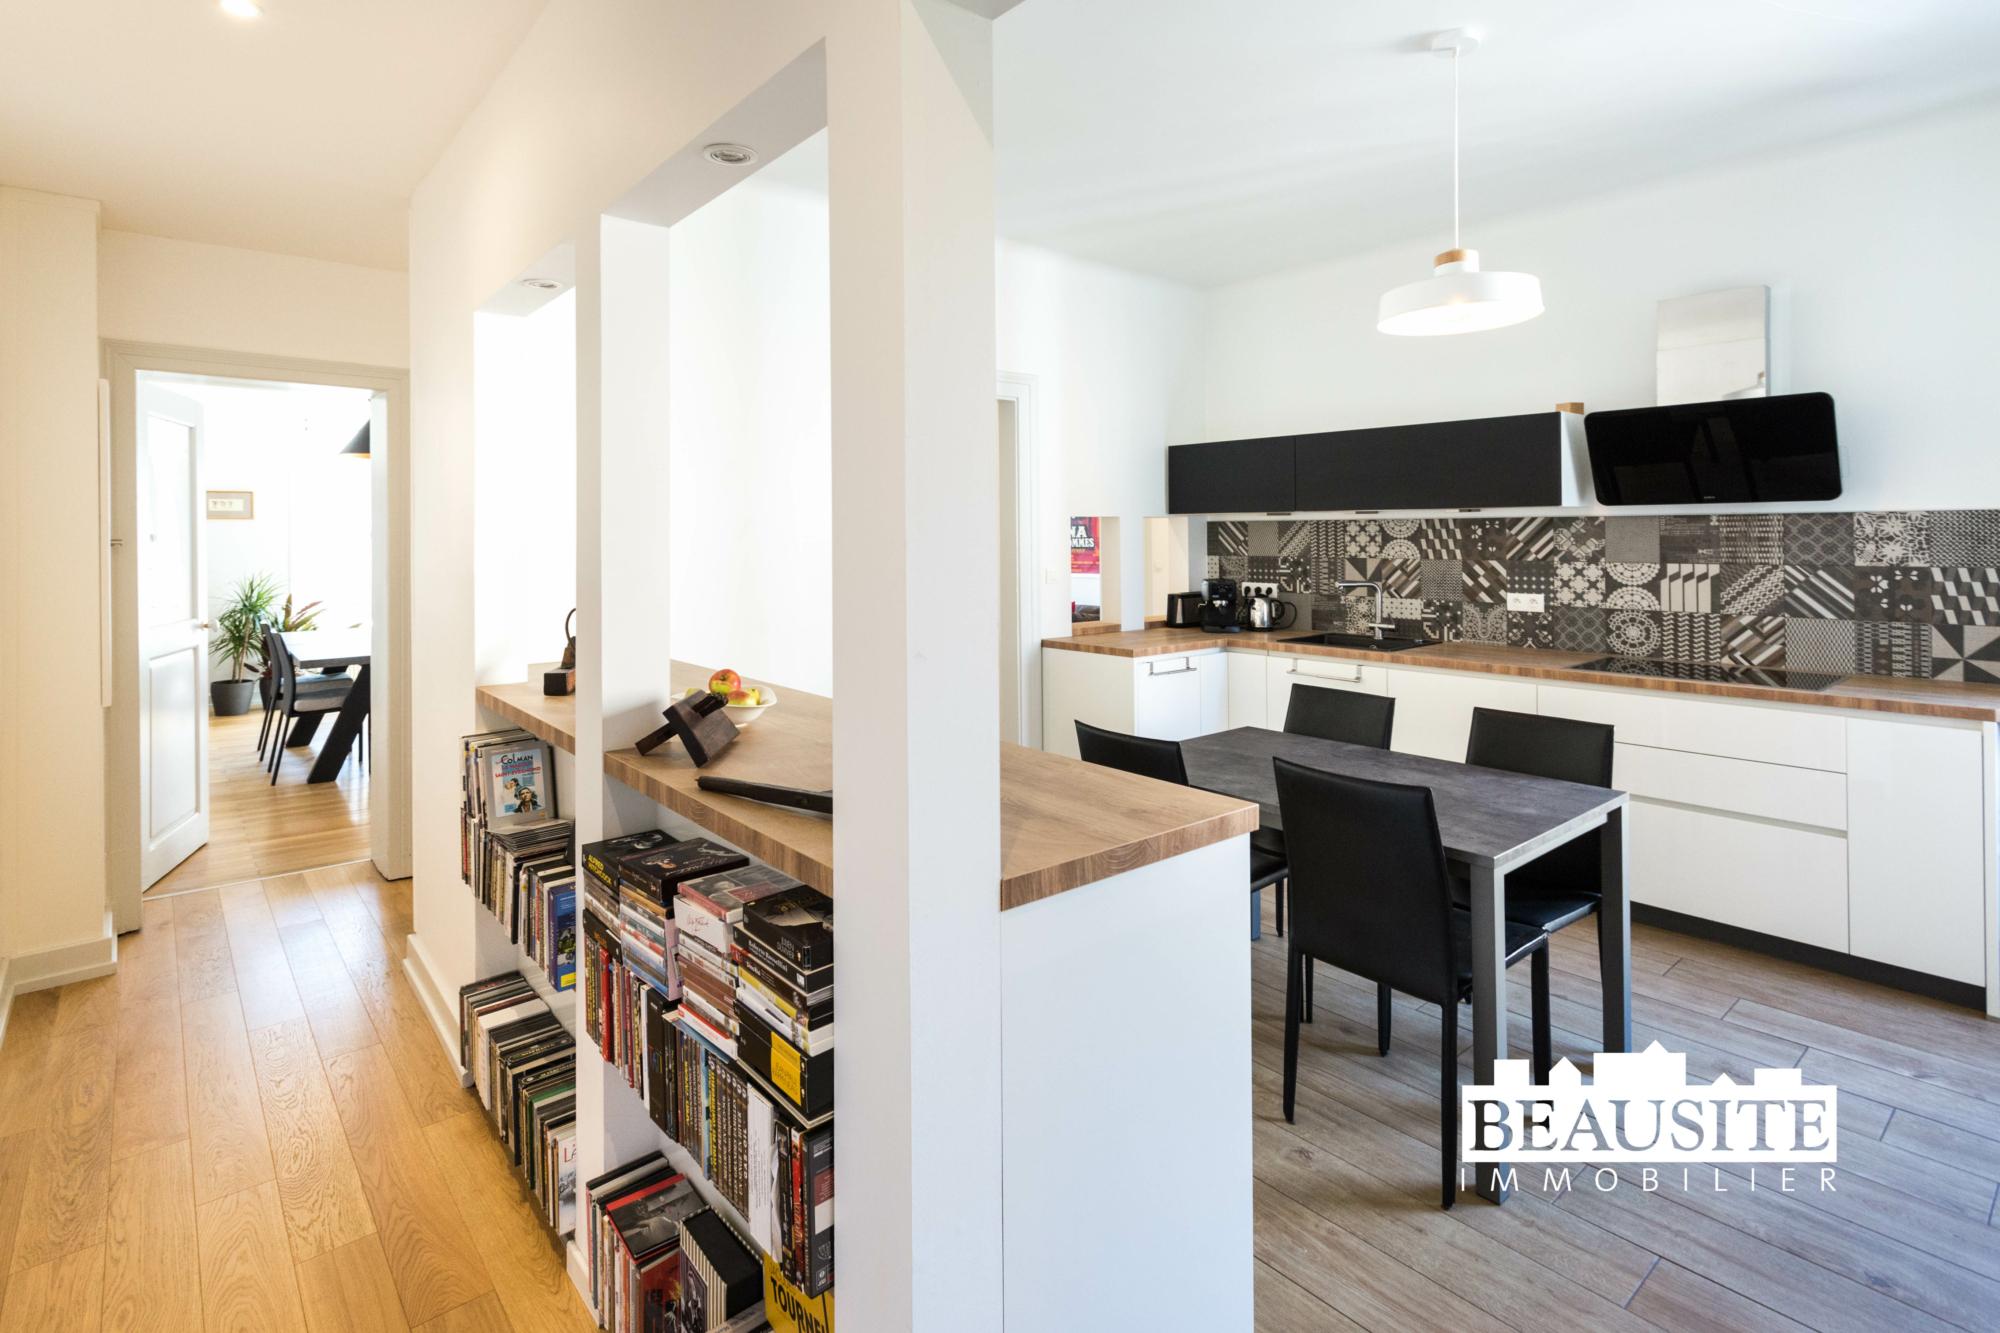 [Sobremesa] L'appartement 5 pièces chaleureux et convivial - Strasbourg / Boulevard du Président Poincaré - nos ventes - Beausite Immobilier 6